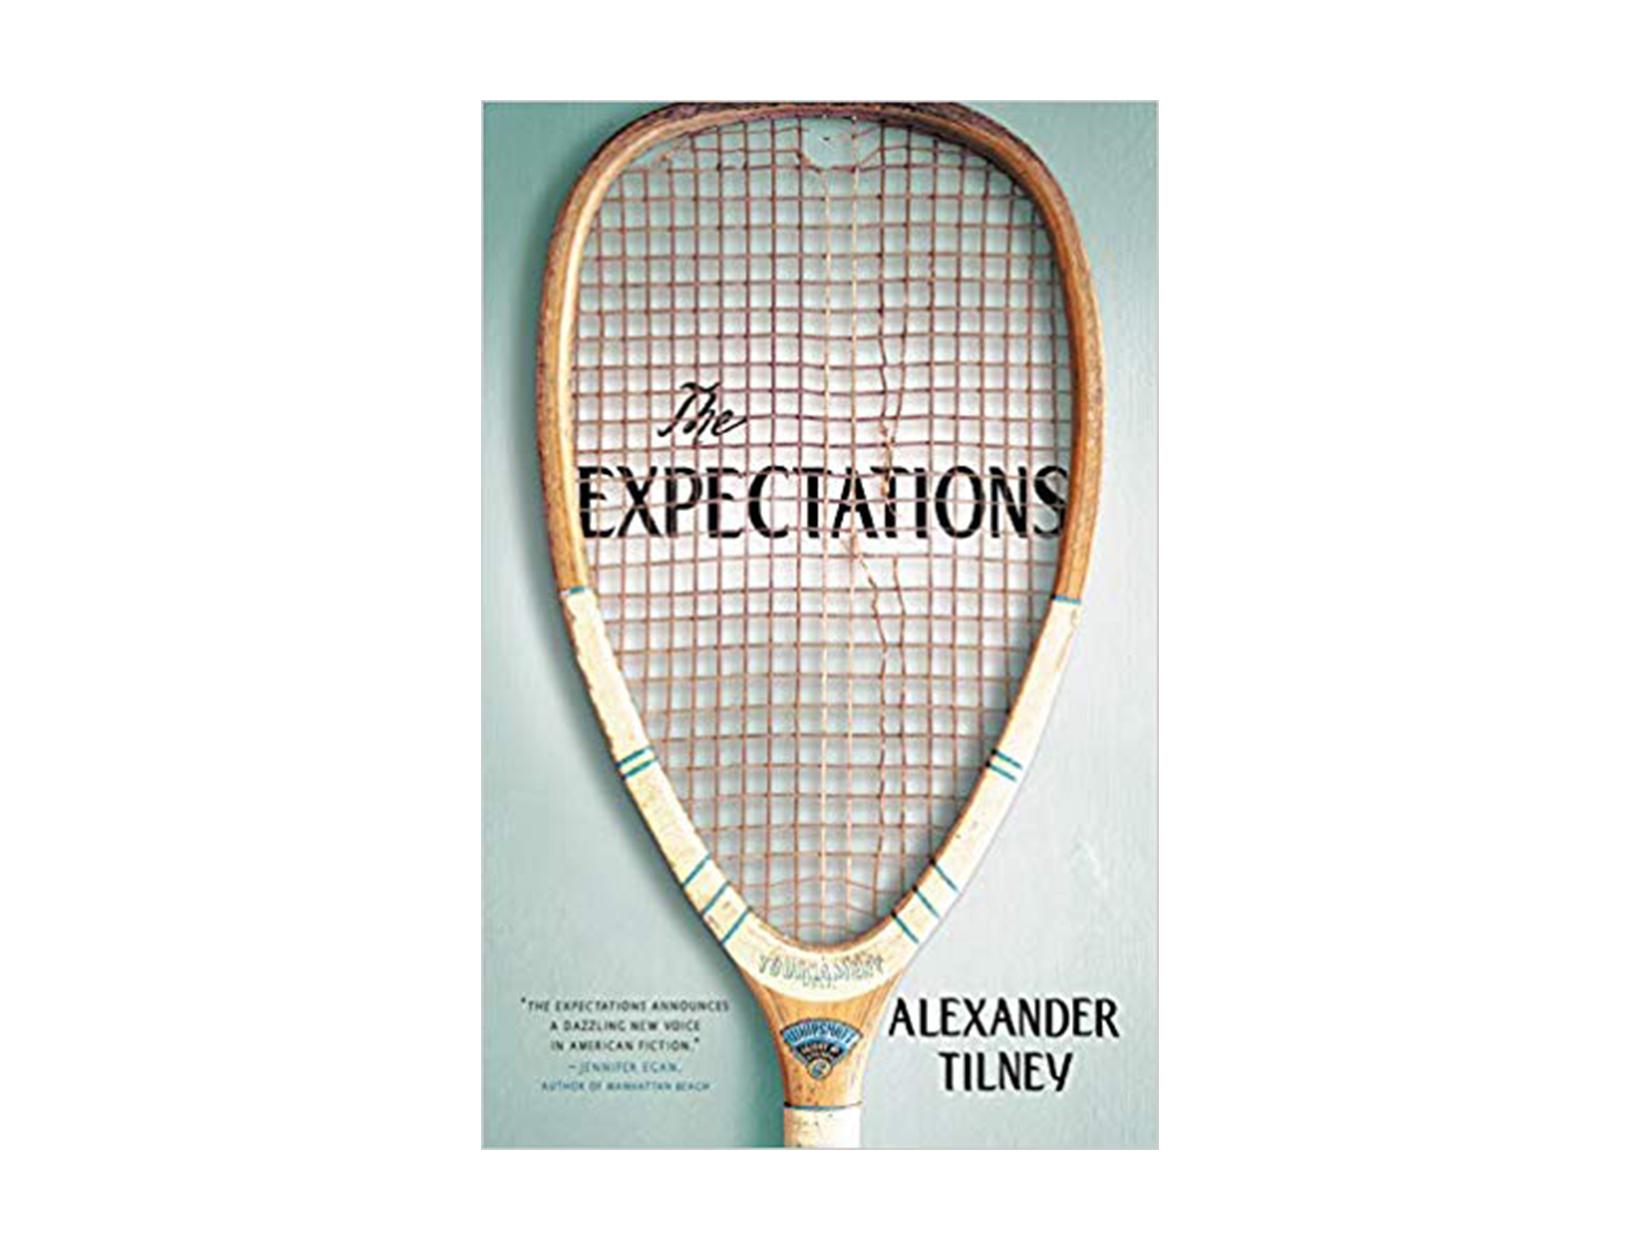 <em>The Expectations</em> byAlexanderTilney